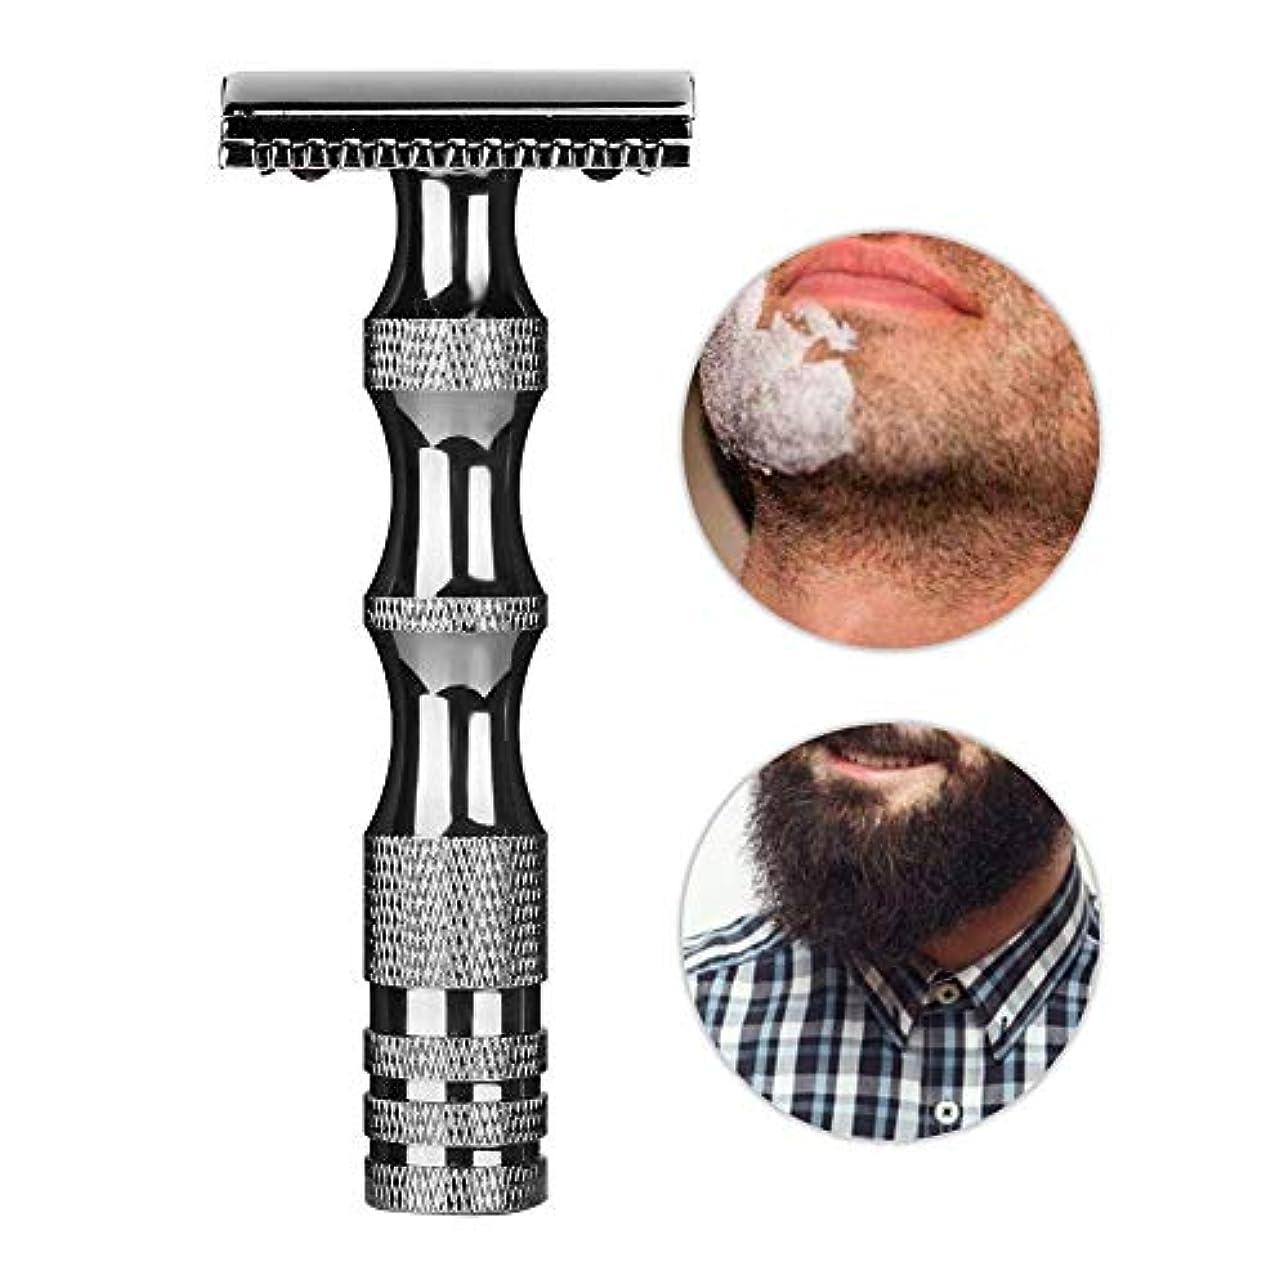 固有のスティック担当者安全剃刀、クラシックメンズ滑り止めメタルハンドルデュアルエッジシェーバーヴィンテージスタイルメンズ安全剃刀、スムーズで快適な髭剃り(Dark Silver)